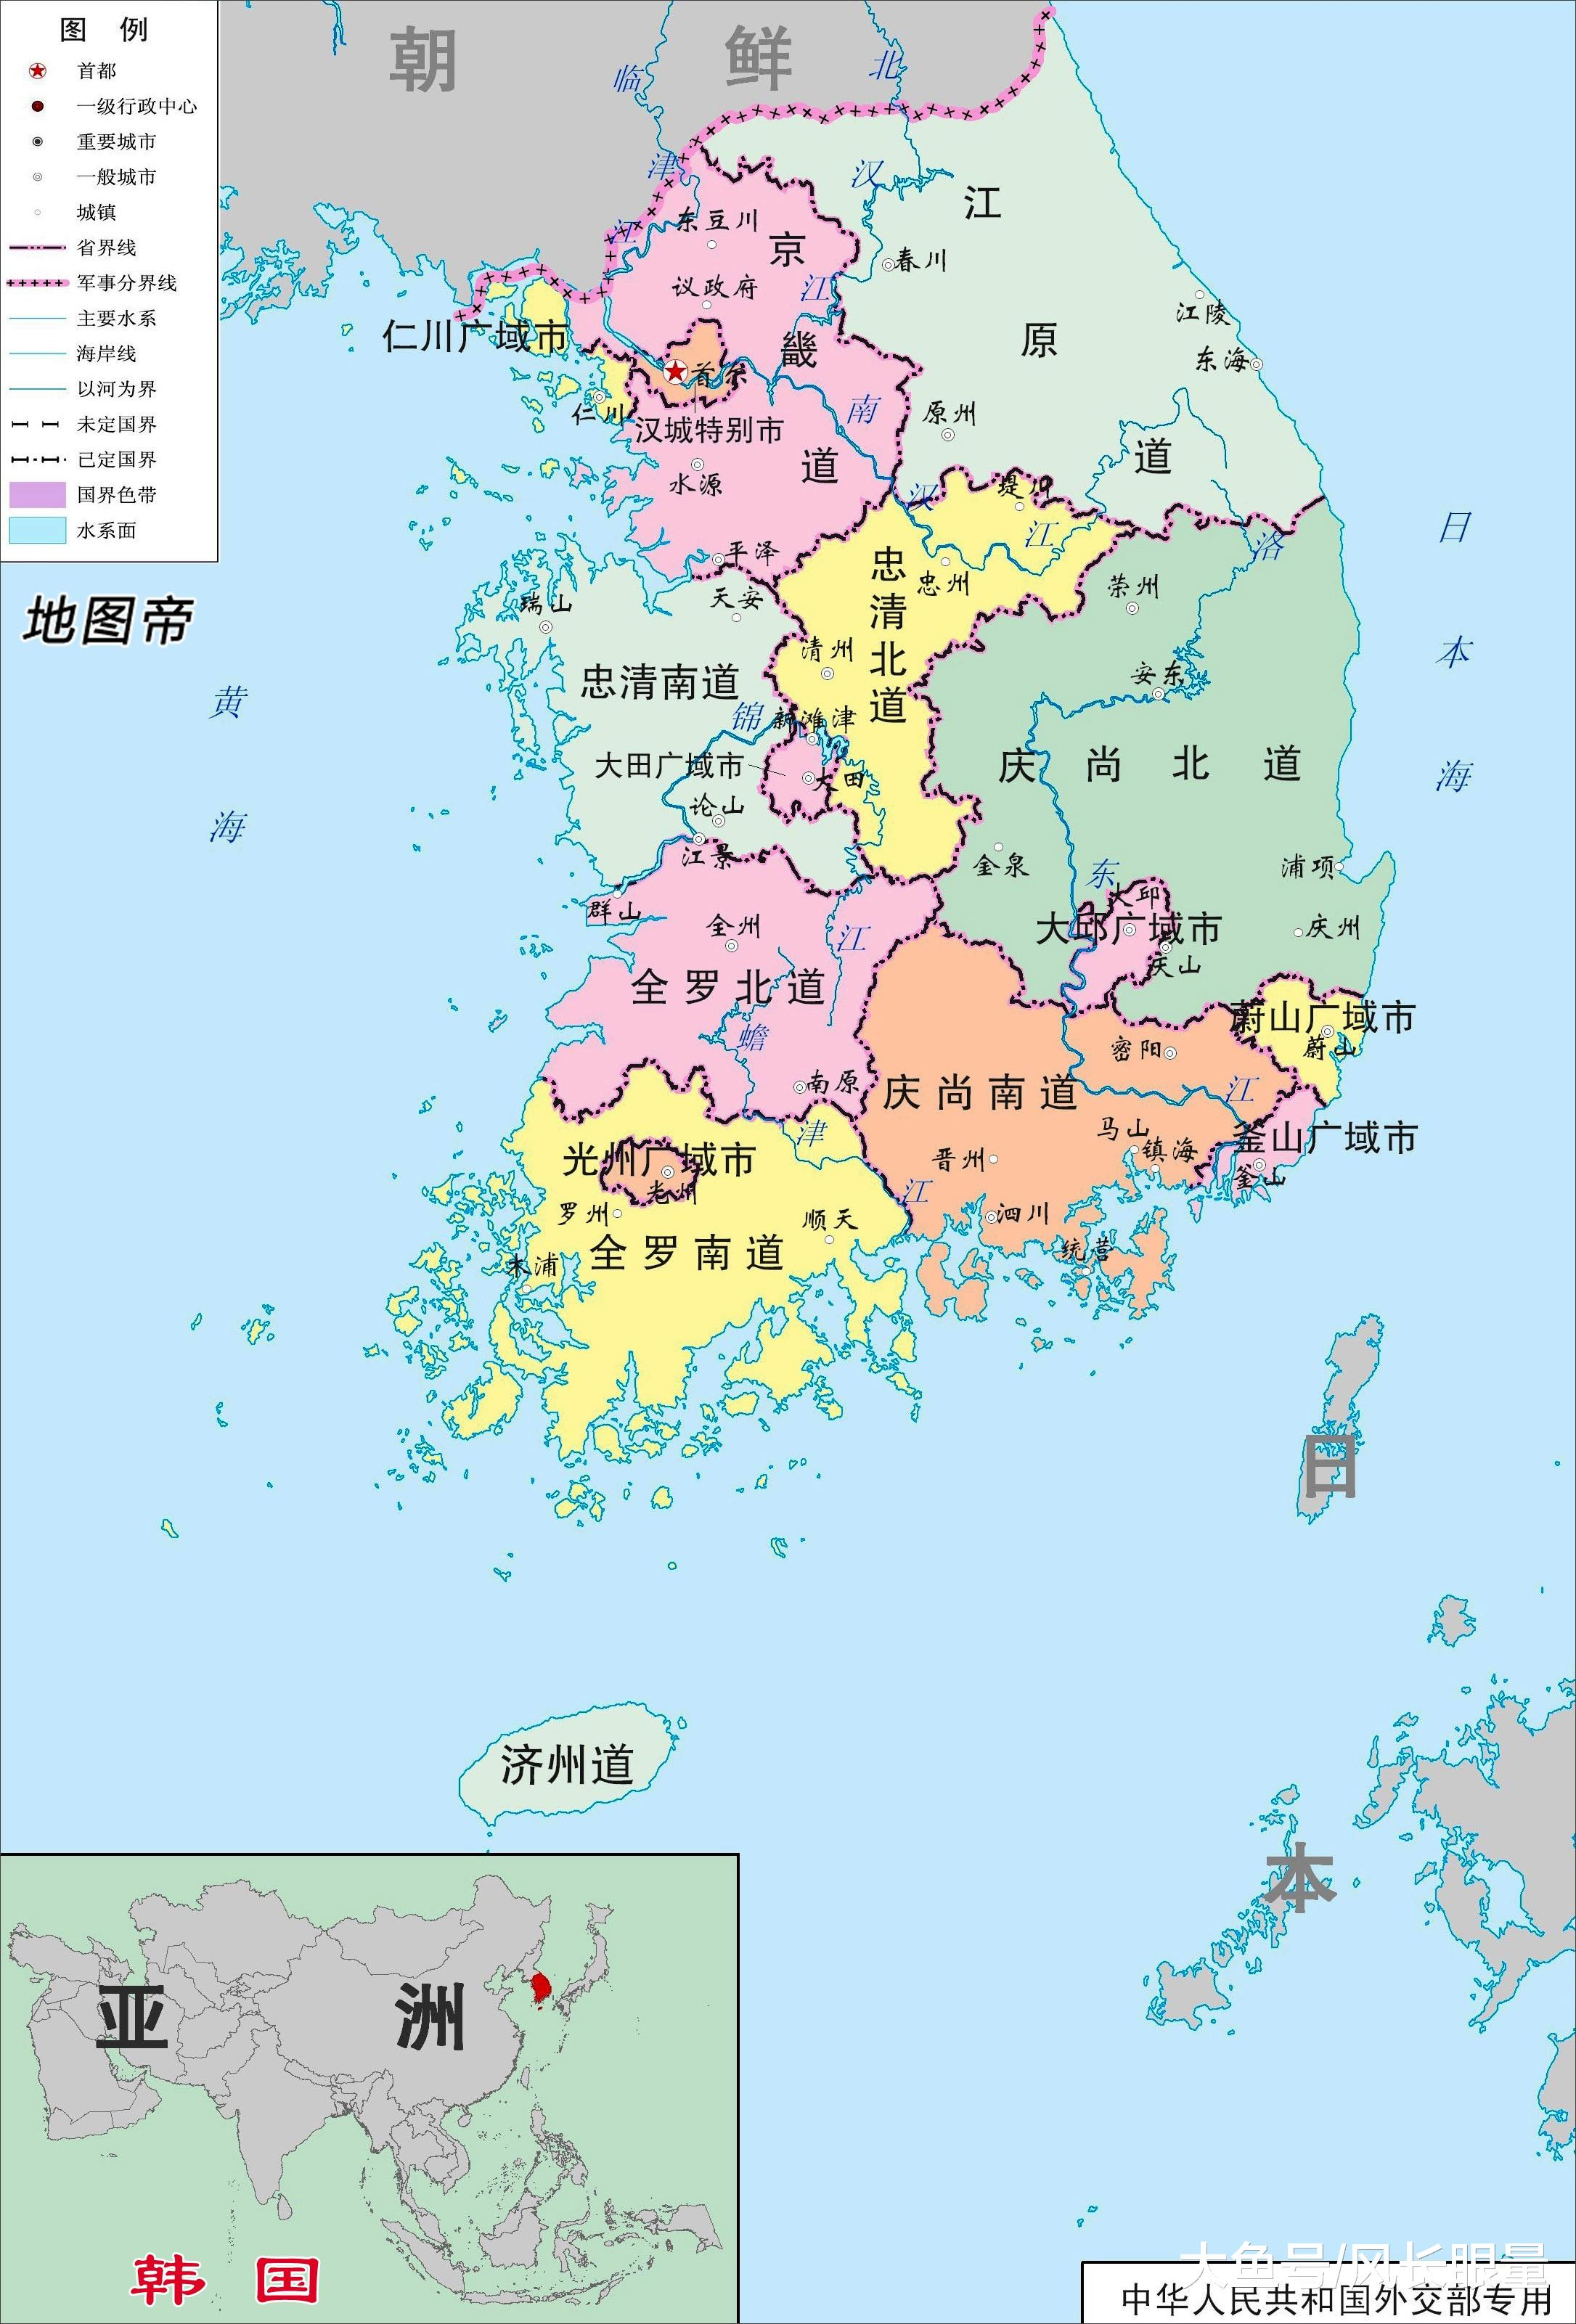 首尔距边境那么近, 韩国为什么不迁都?